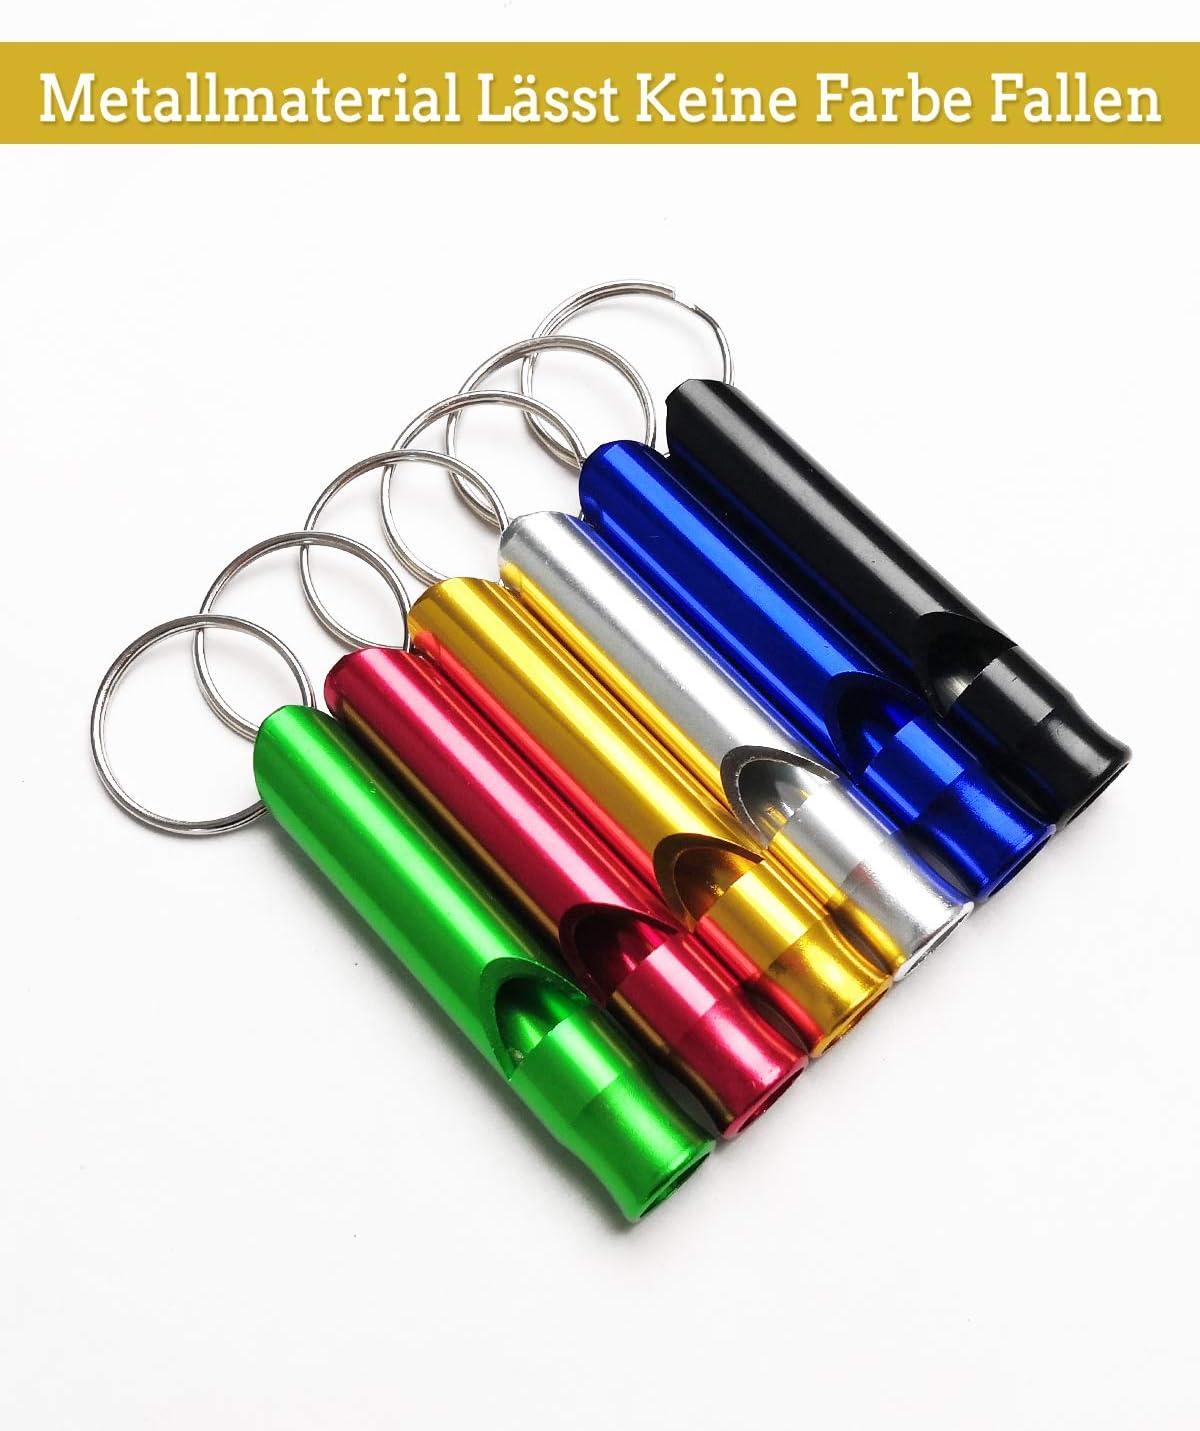 Miniatur Sicherheitsausr/üstung ANNVCHI Emergency Whistle Pfeife mit Schl/üsselring 6 St/ück Laut und Deutlich